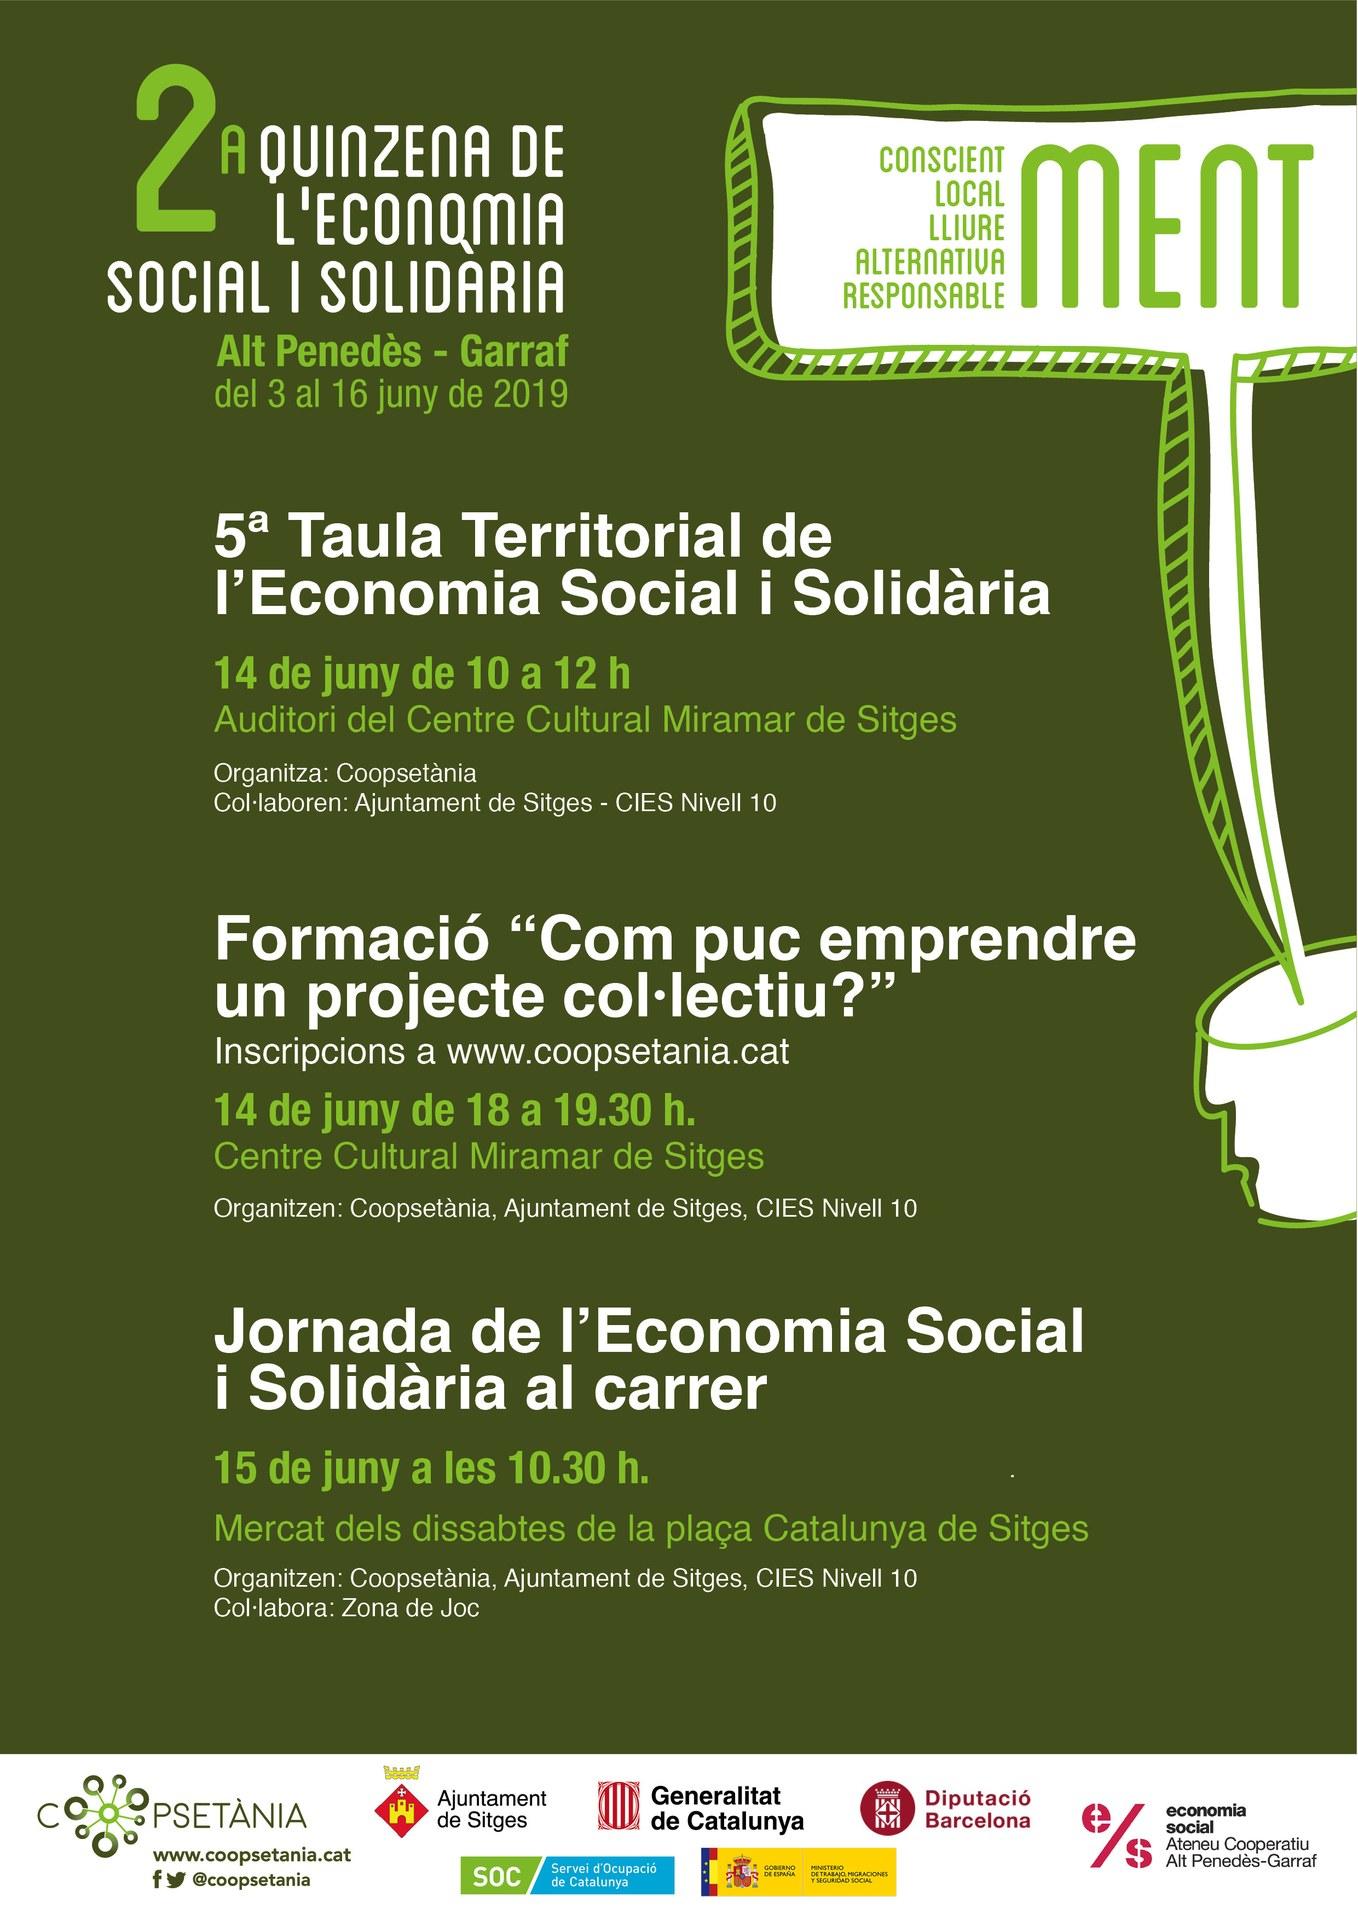 5a Taula Territorial de l'Economia Social i Solidària de l'Alt Penedès i el Garraf / 2a Quinzena d'Economia Social i Solidària